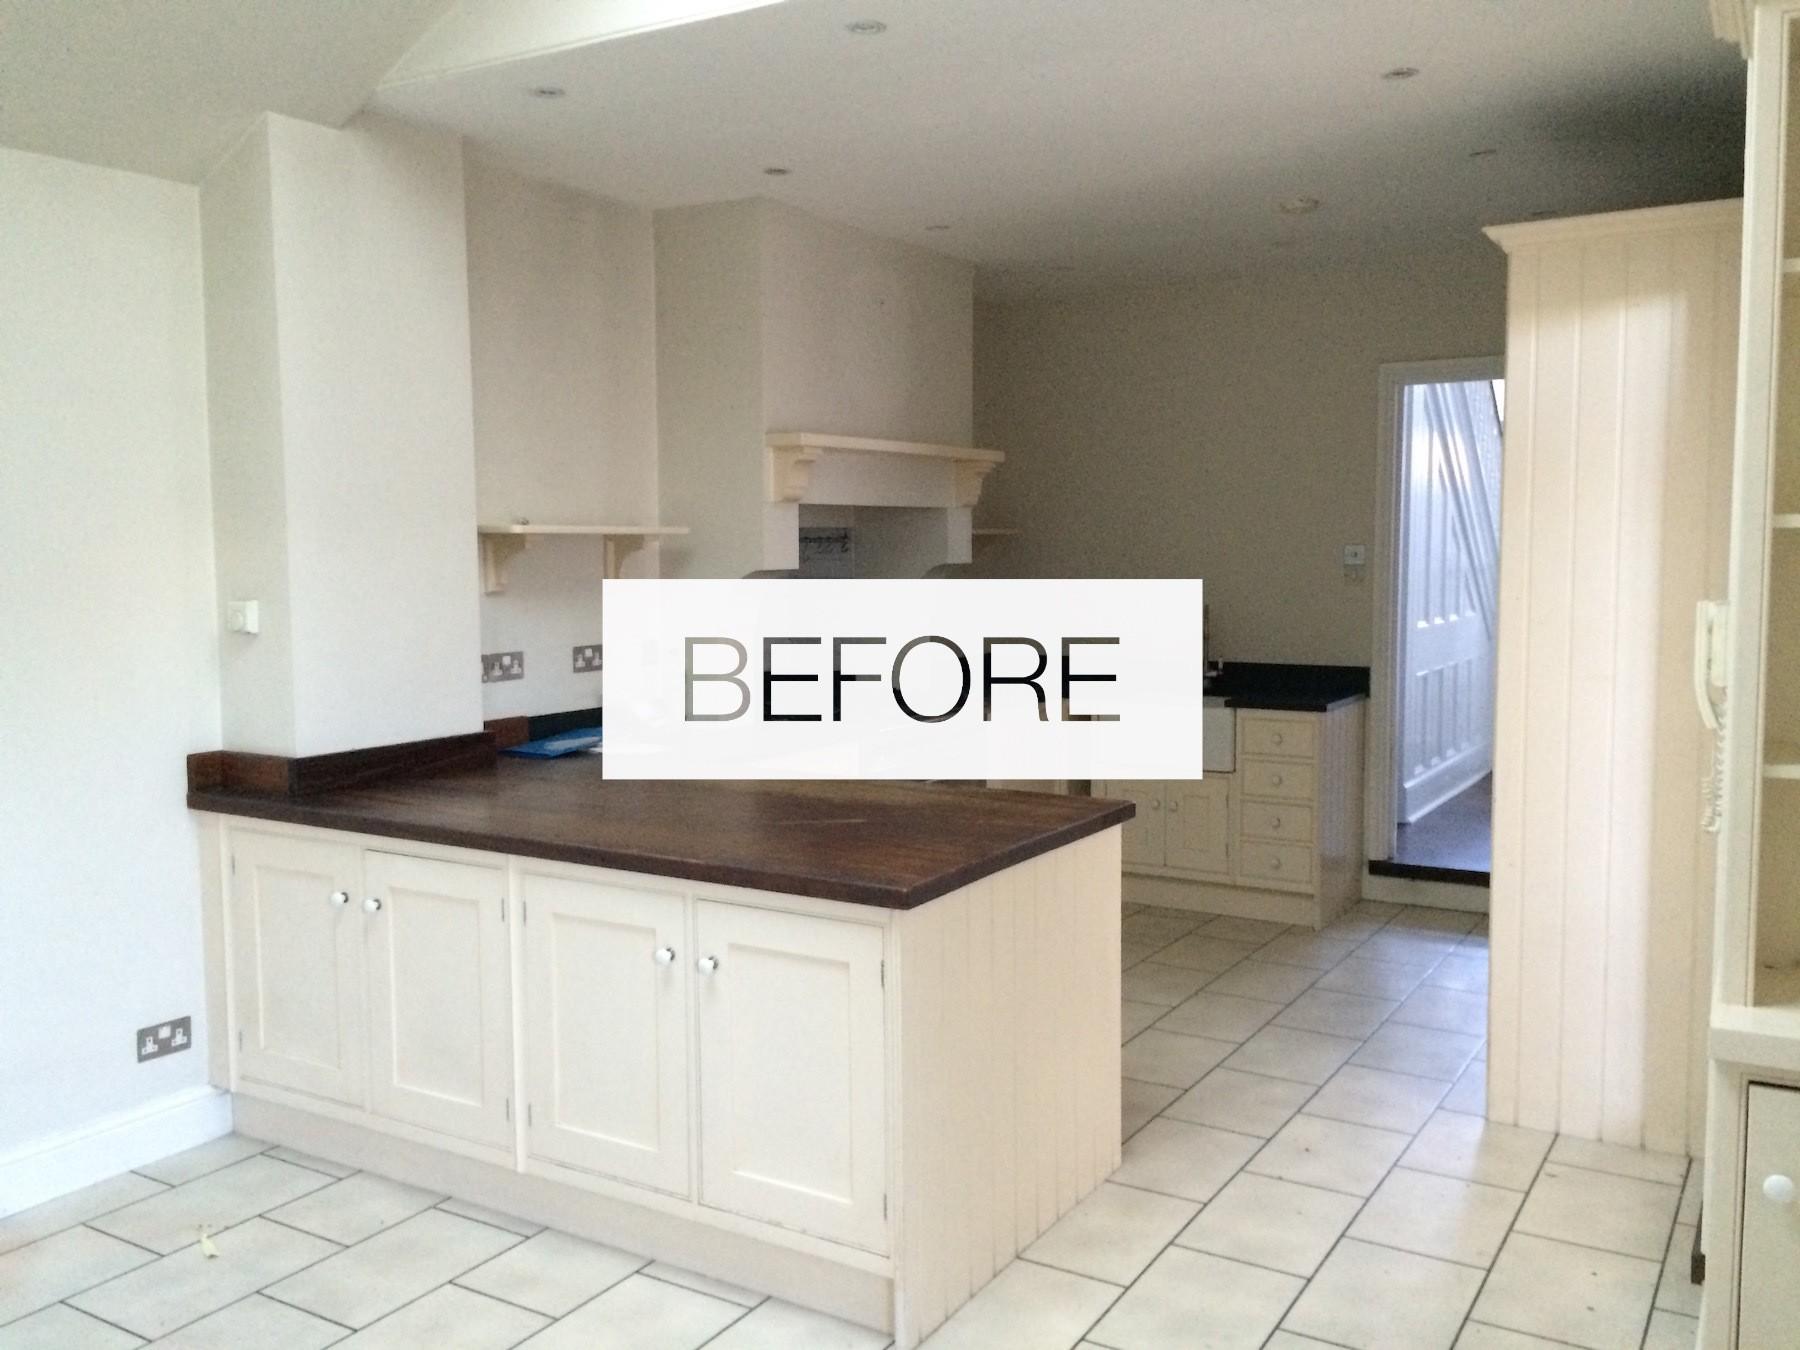 Cozinha antes da remodelação